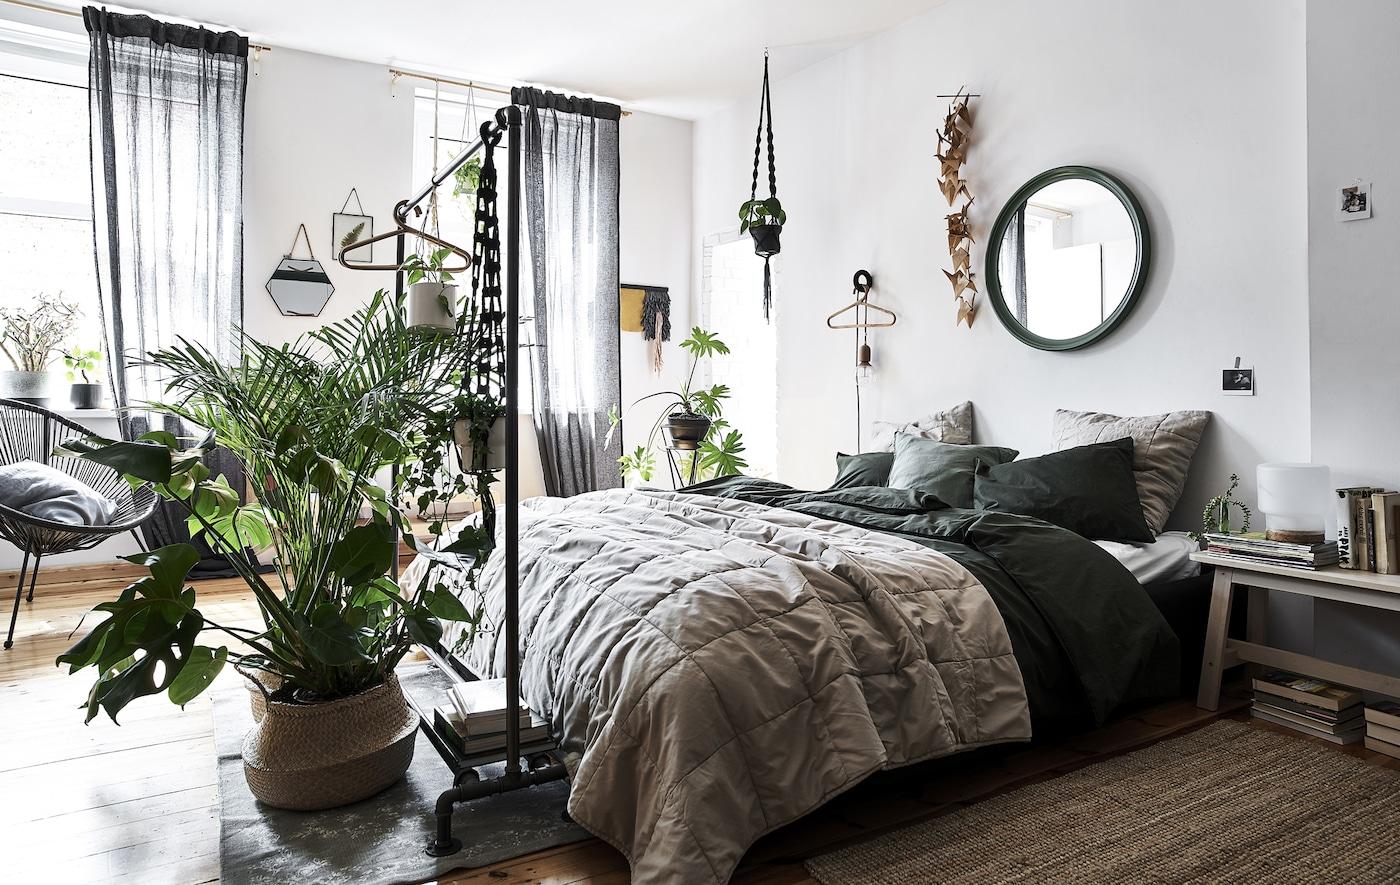 Chambre à coucher aux murs blancs, avec linge de lit de couleur naturelle et plantes dans des paniers en osier.